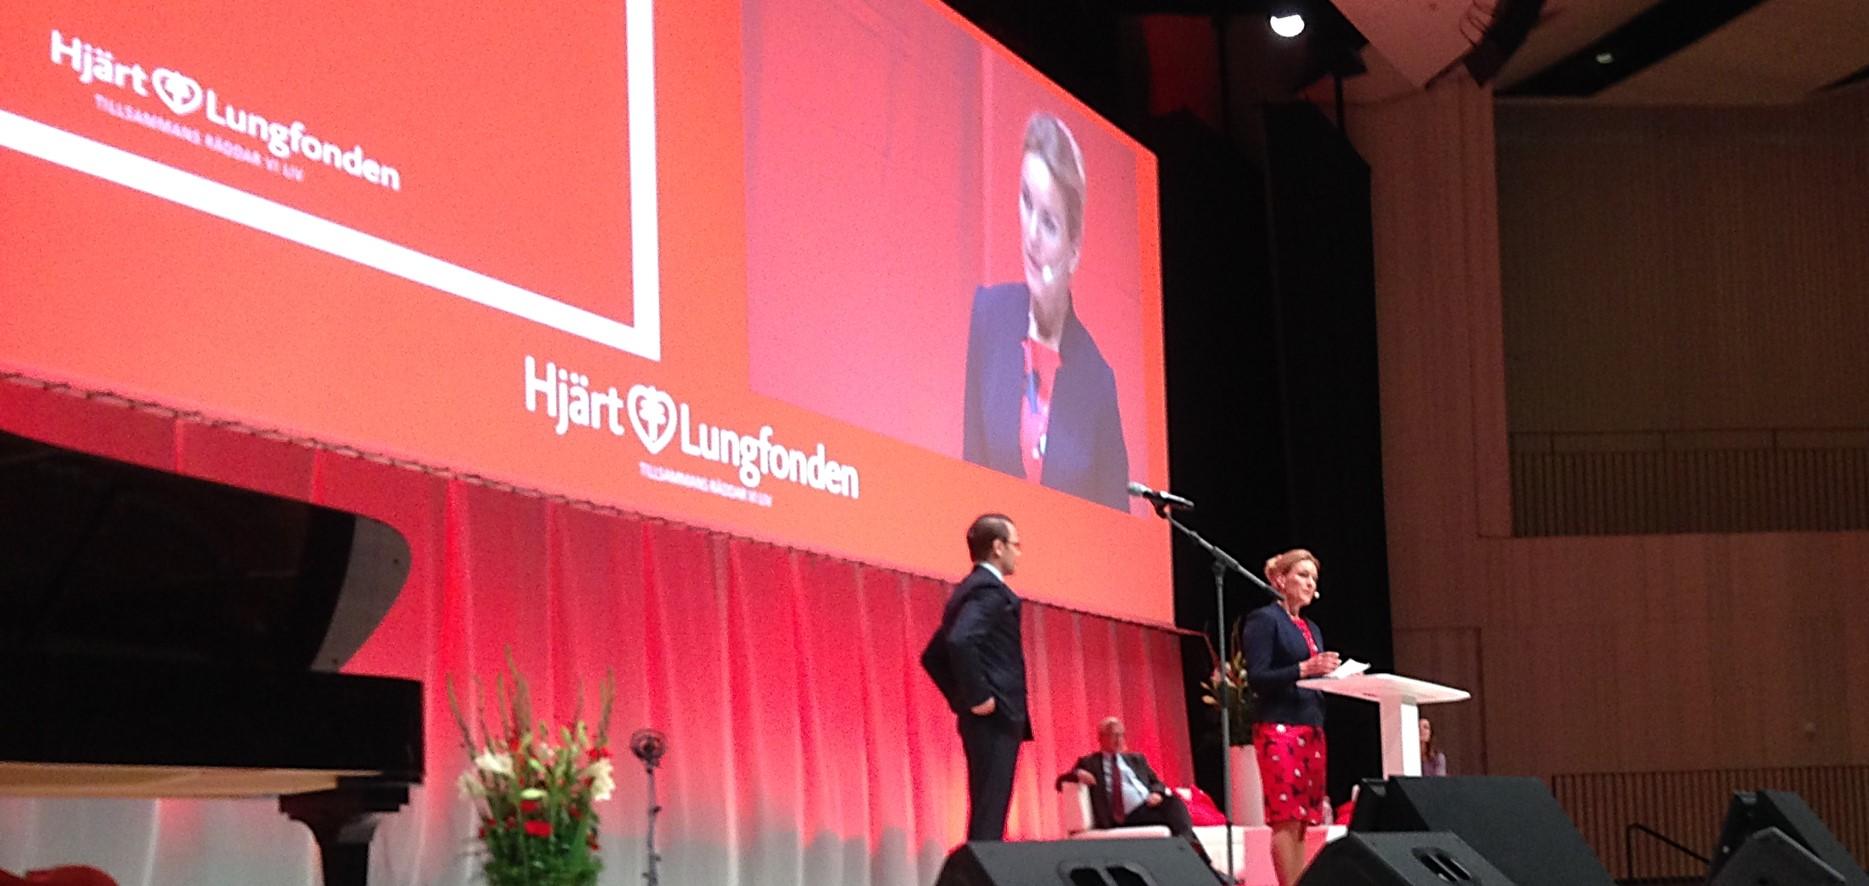 Kristina med Prins Daniel på scenen på EN DAG FÖR GENOMBROTT